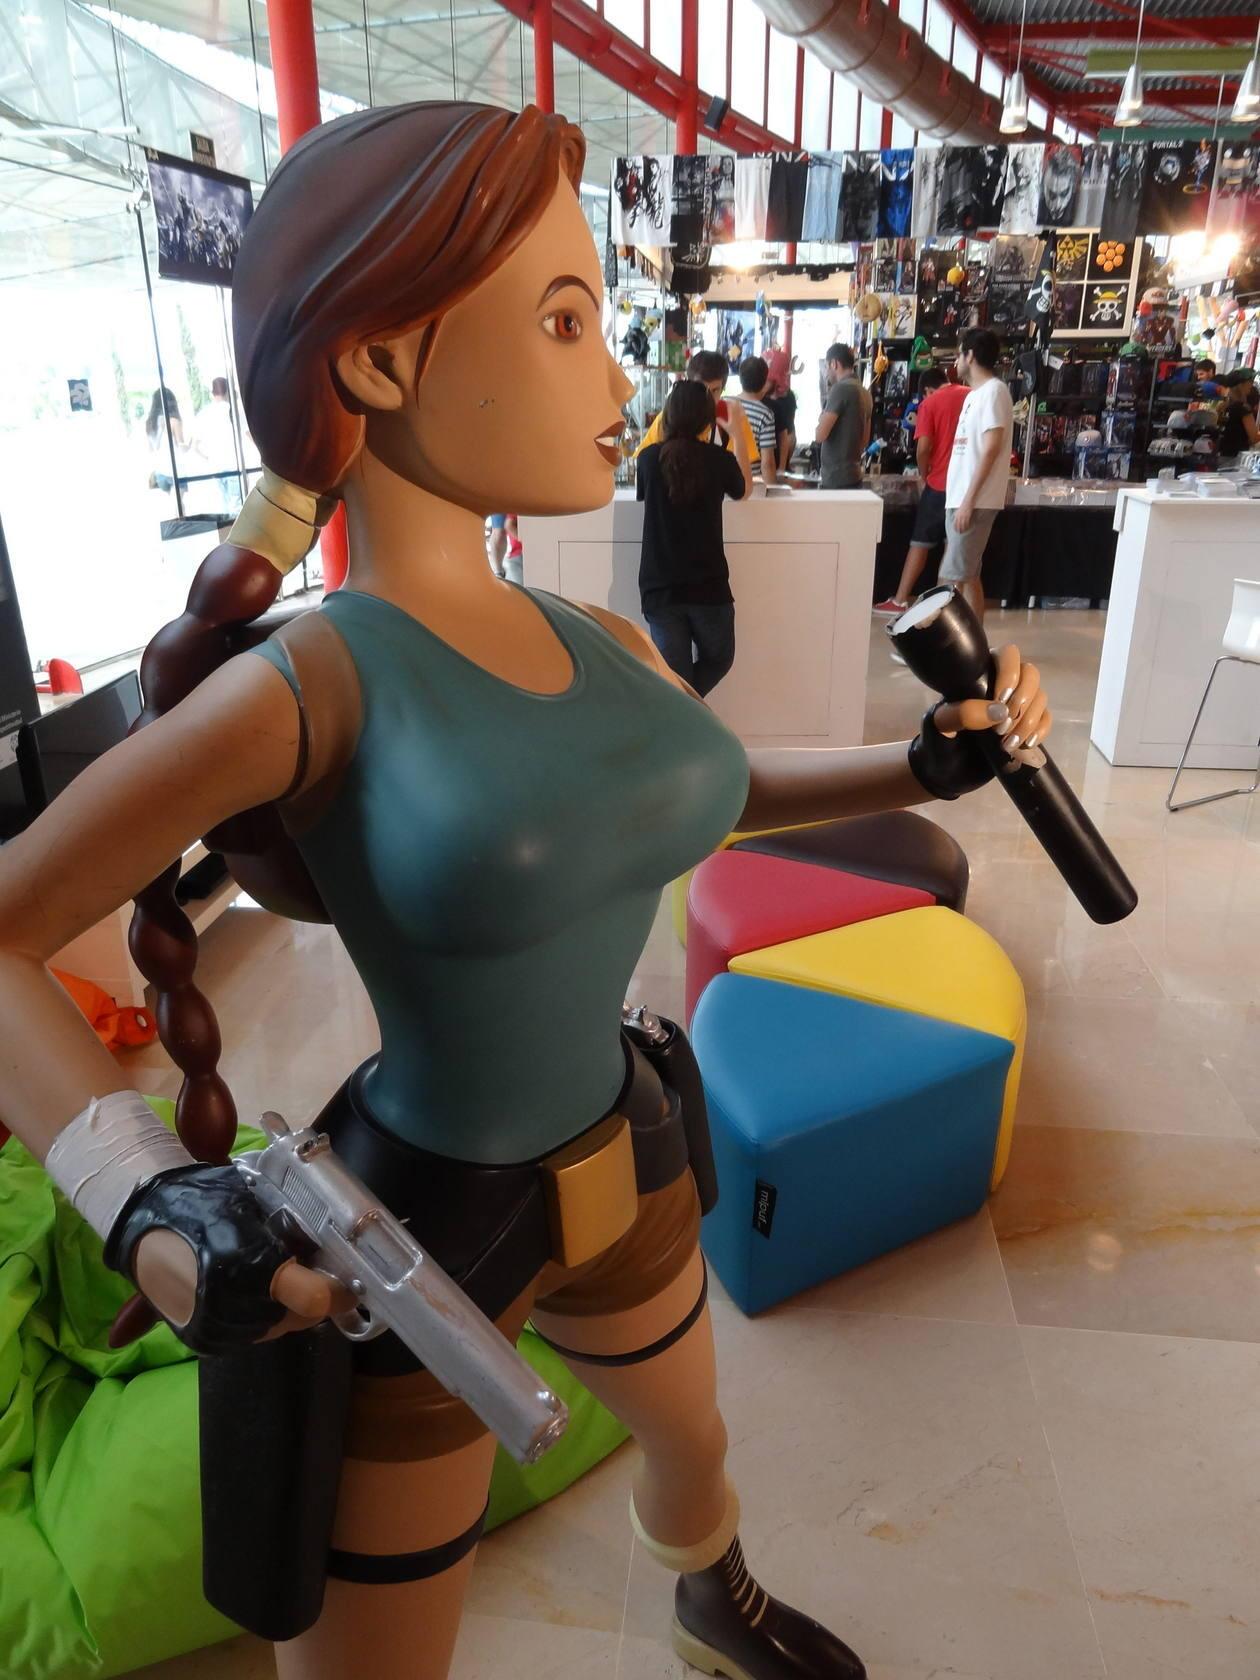 Comienza el festival de videojuegos Gamepolis en el Palacio de Ferias y Congresos de Málaga